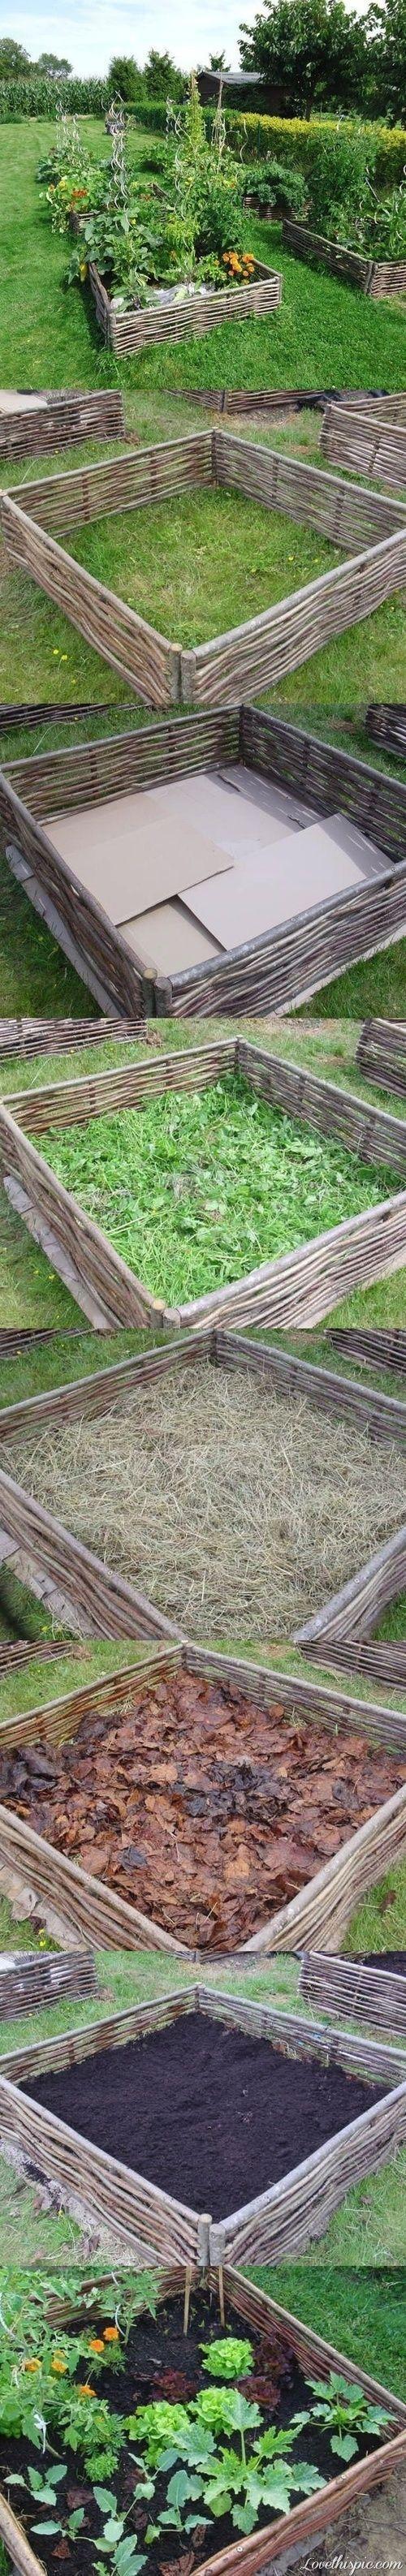 Gartenpfosten – Ein Garten ist nur ein geplanter Raum, der normalerweise im Freien ist